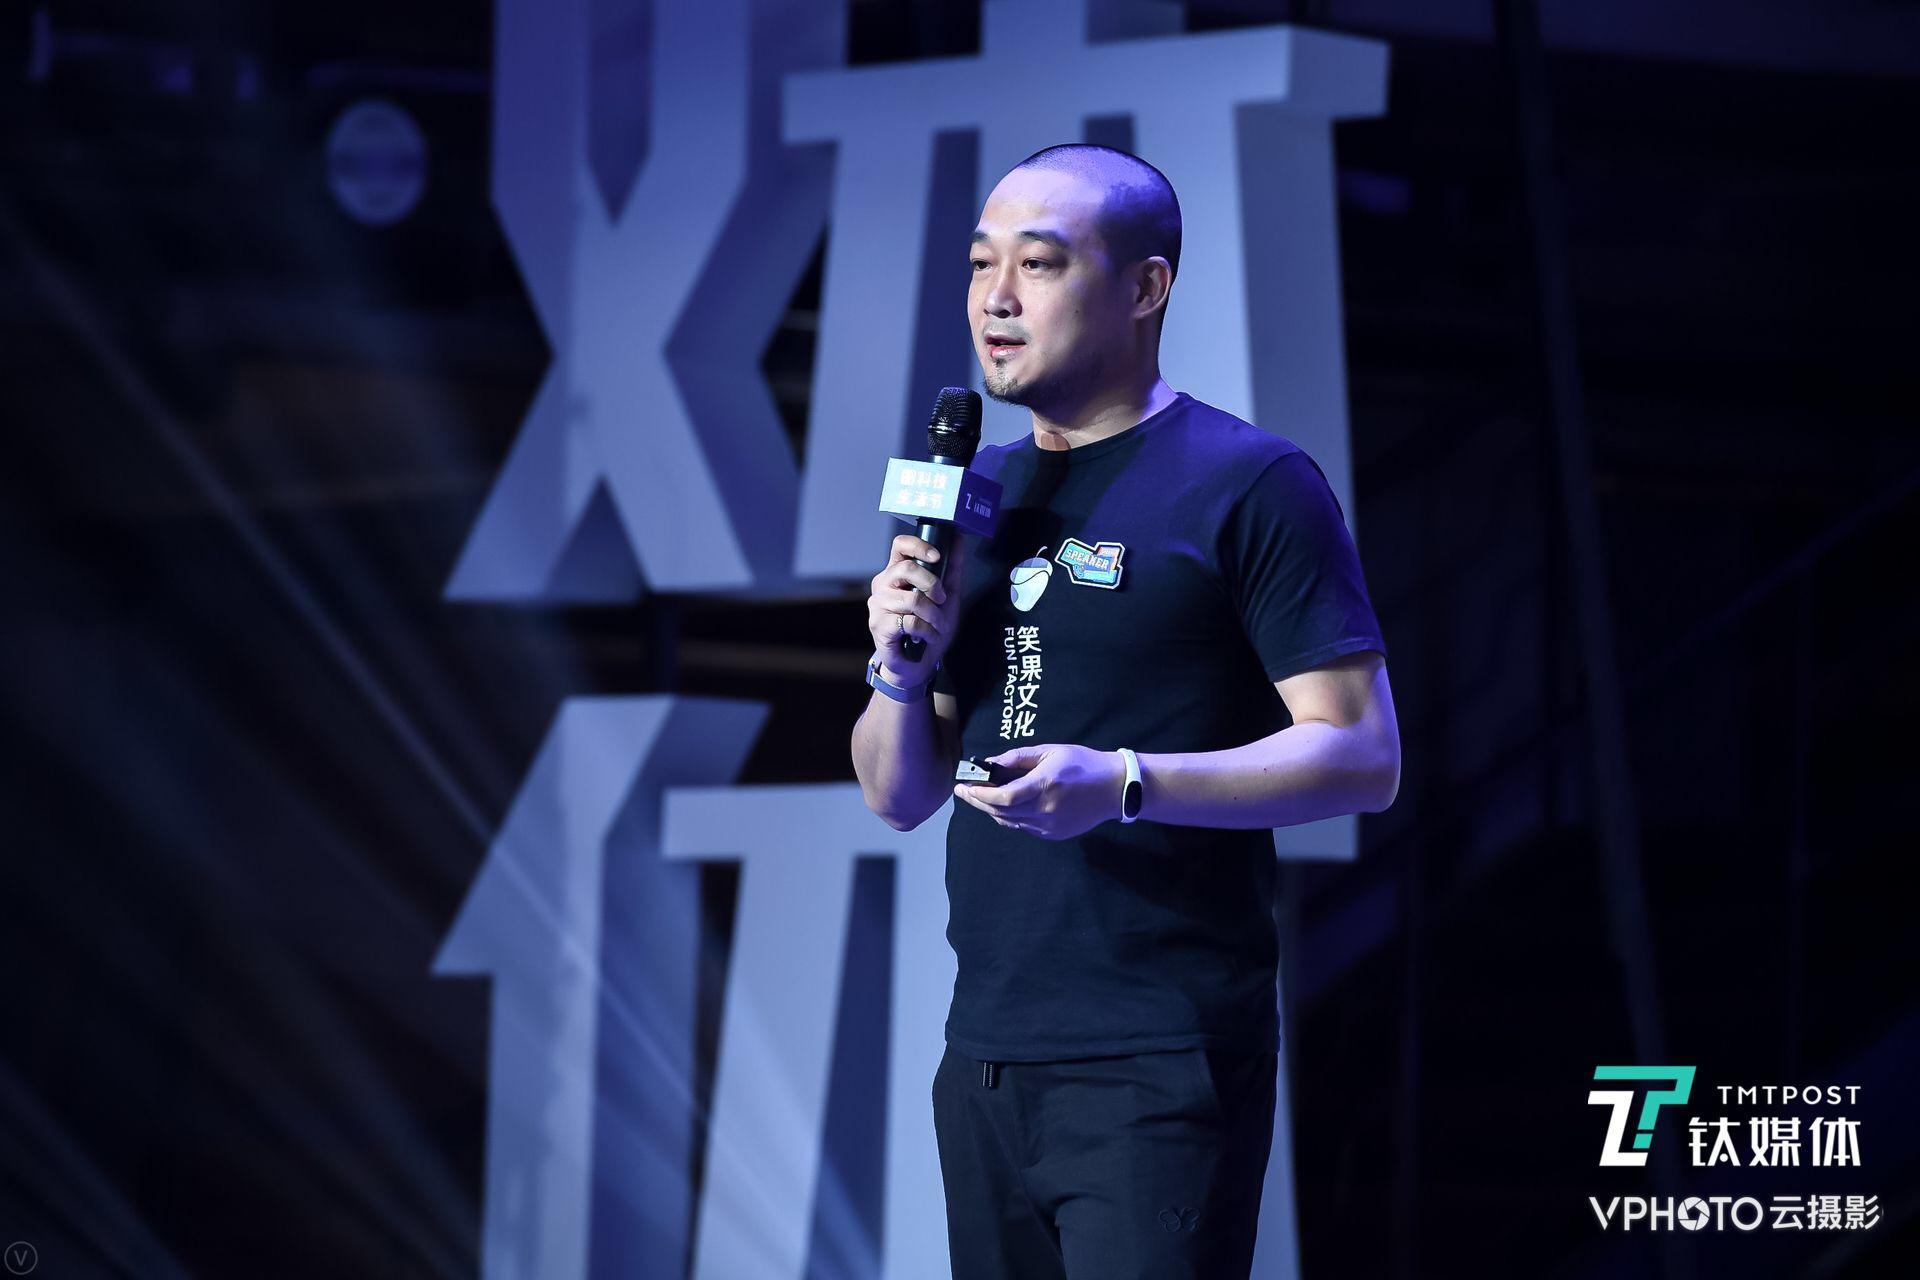 《吐槽大会》出品人贺晓曦:年轻态喜剧的生意怎么做?   科技生活节